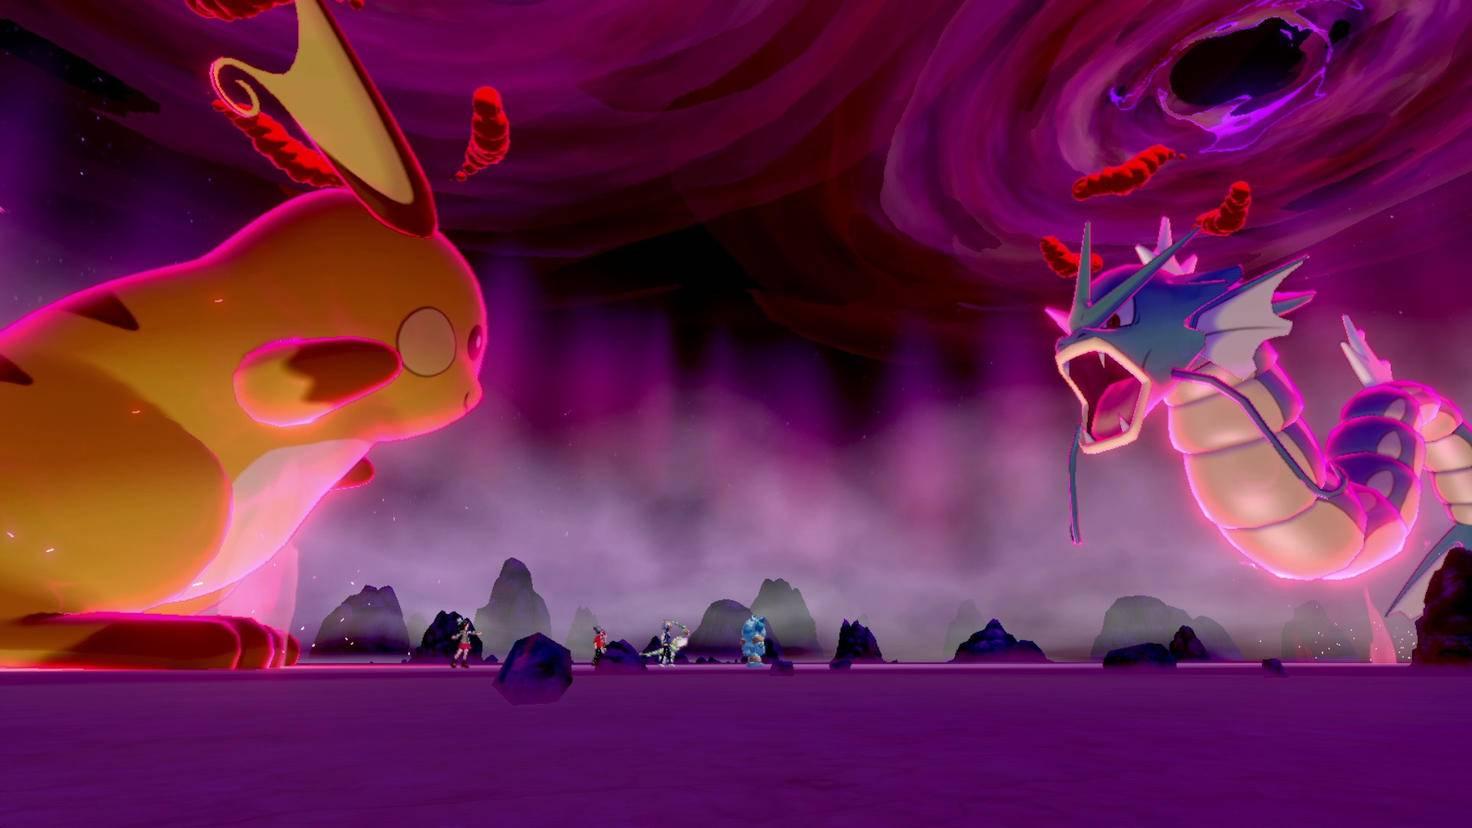 Kämpfen zwei Riesen-Monster gegeneinander, bebt die Arena.